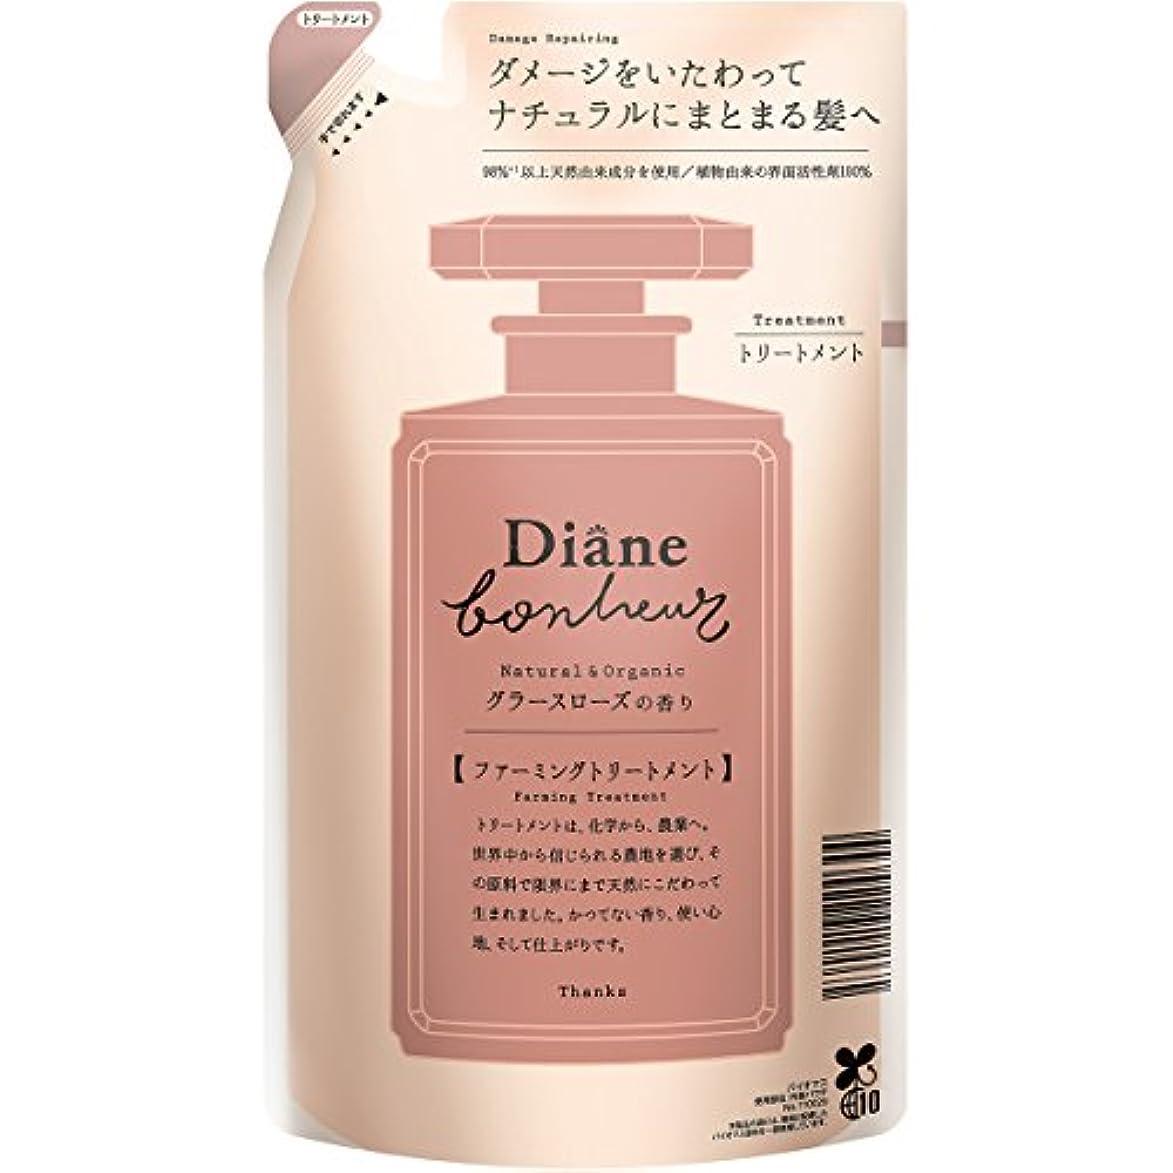 蓋物質手荷物ダイアン ボヌール グラースローズの香り ダメージリペア トリートメント 詰め替え 400ml